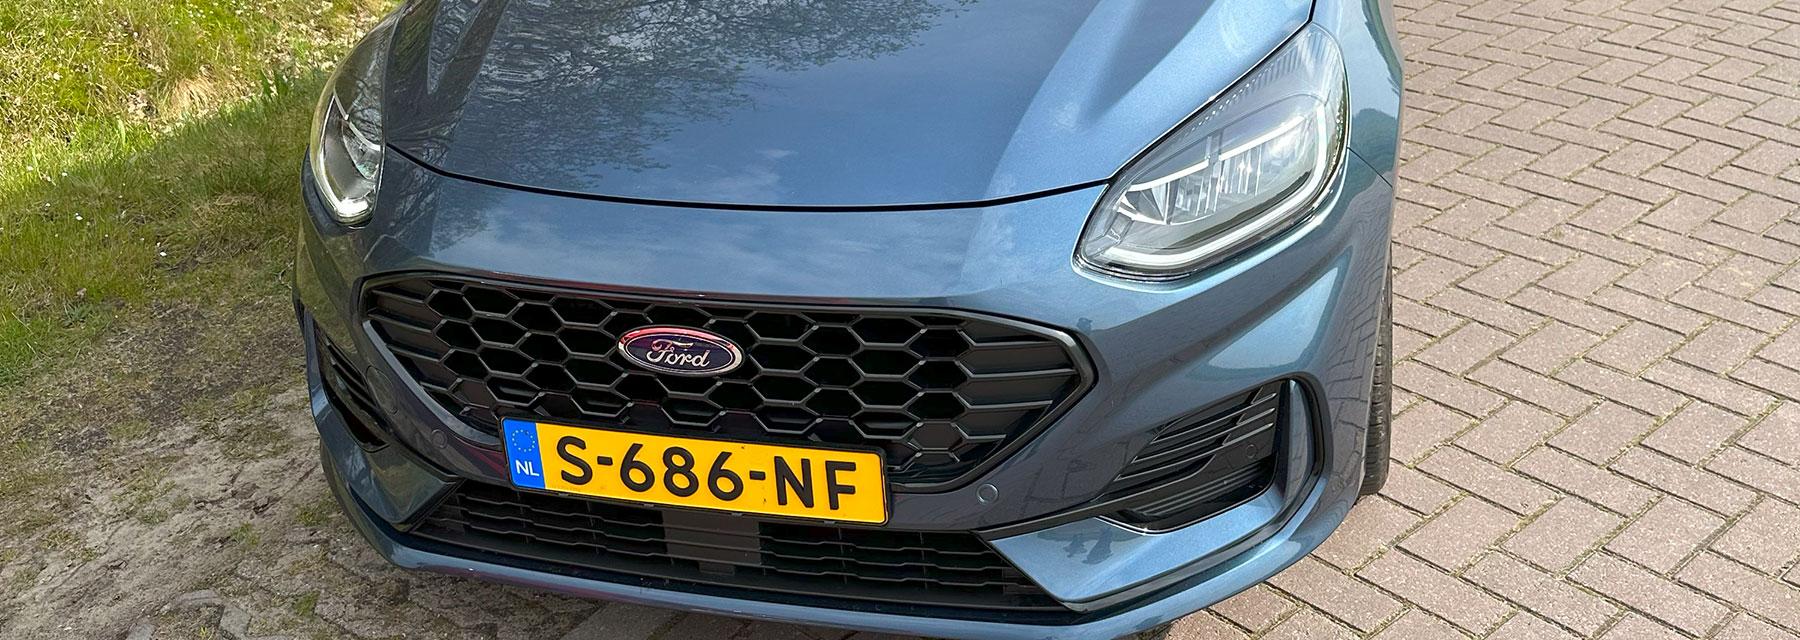 Autorijlessen volg je bij Rijschool Rotman, de autorijschool in Twente!